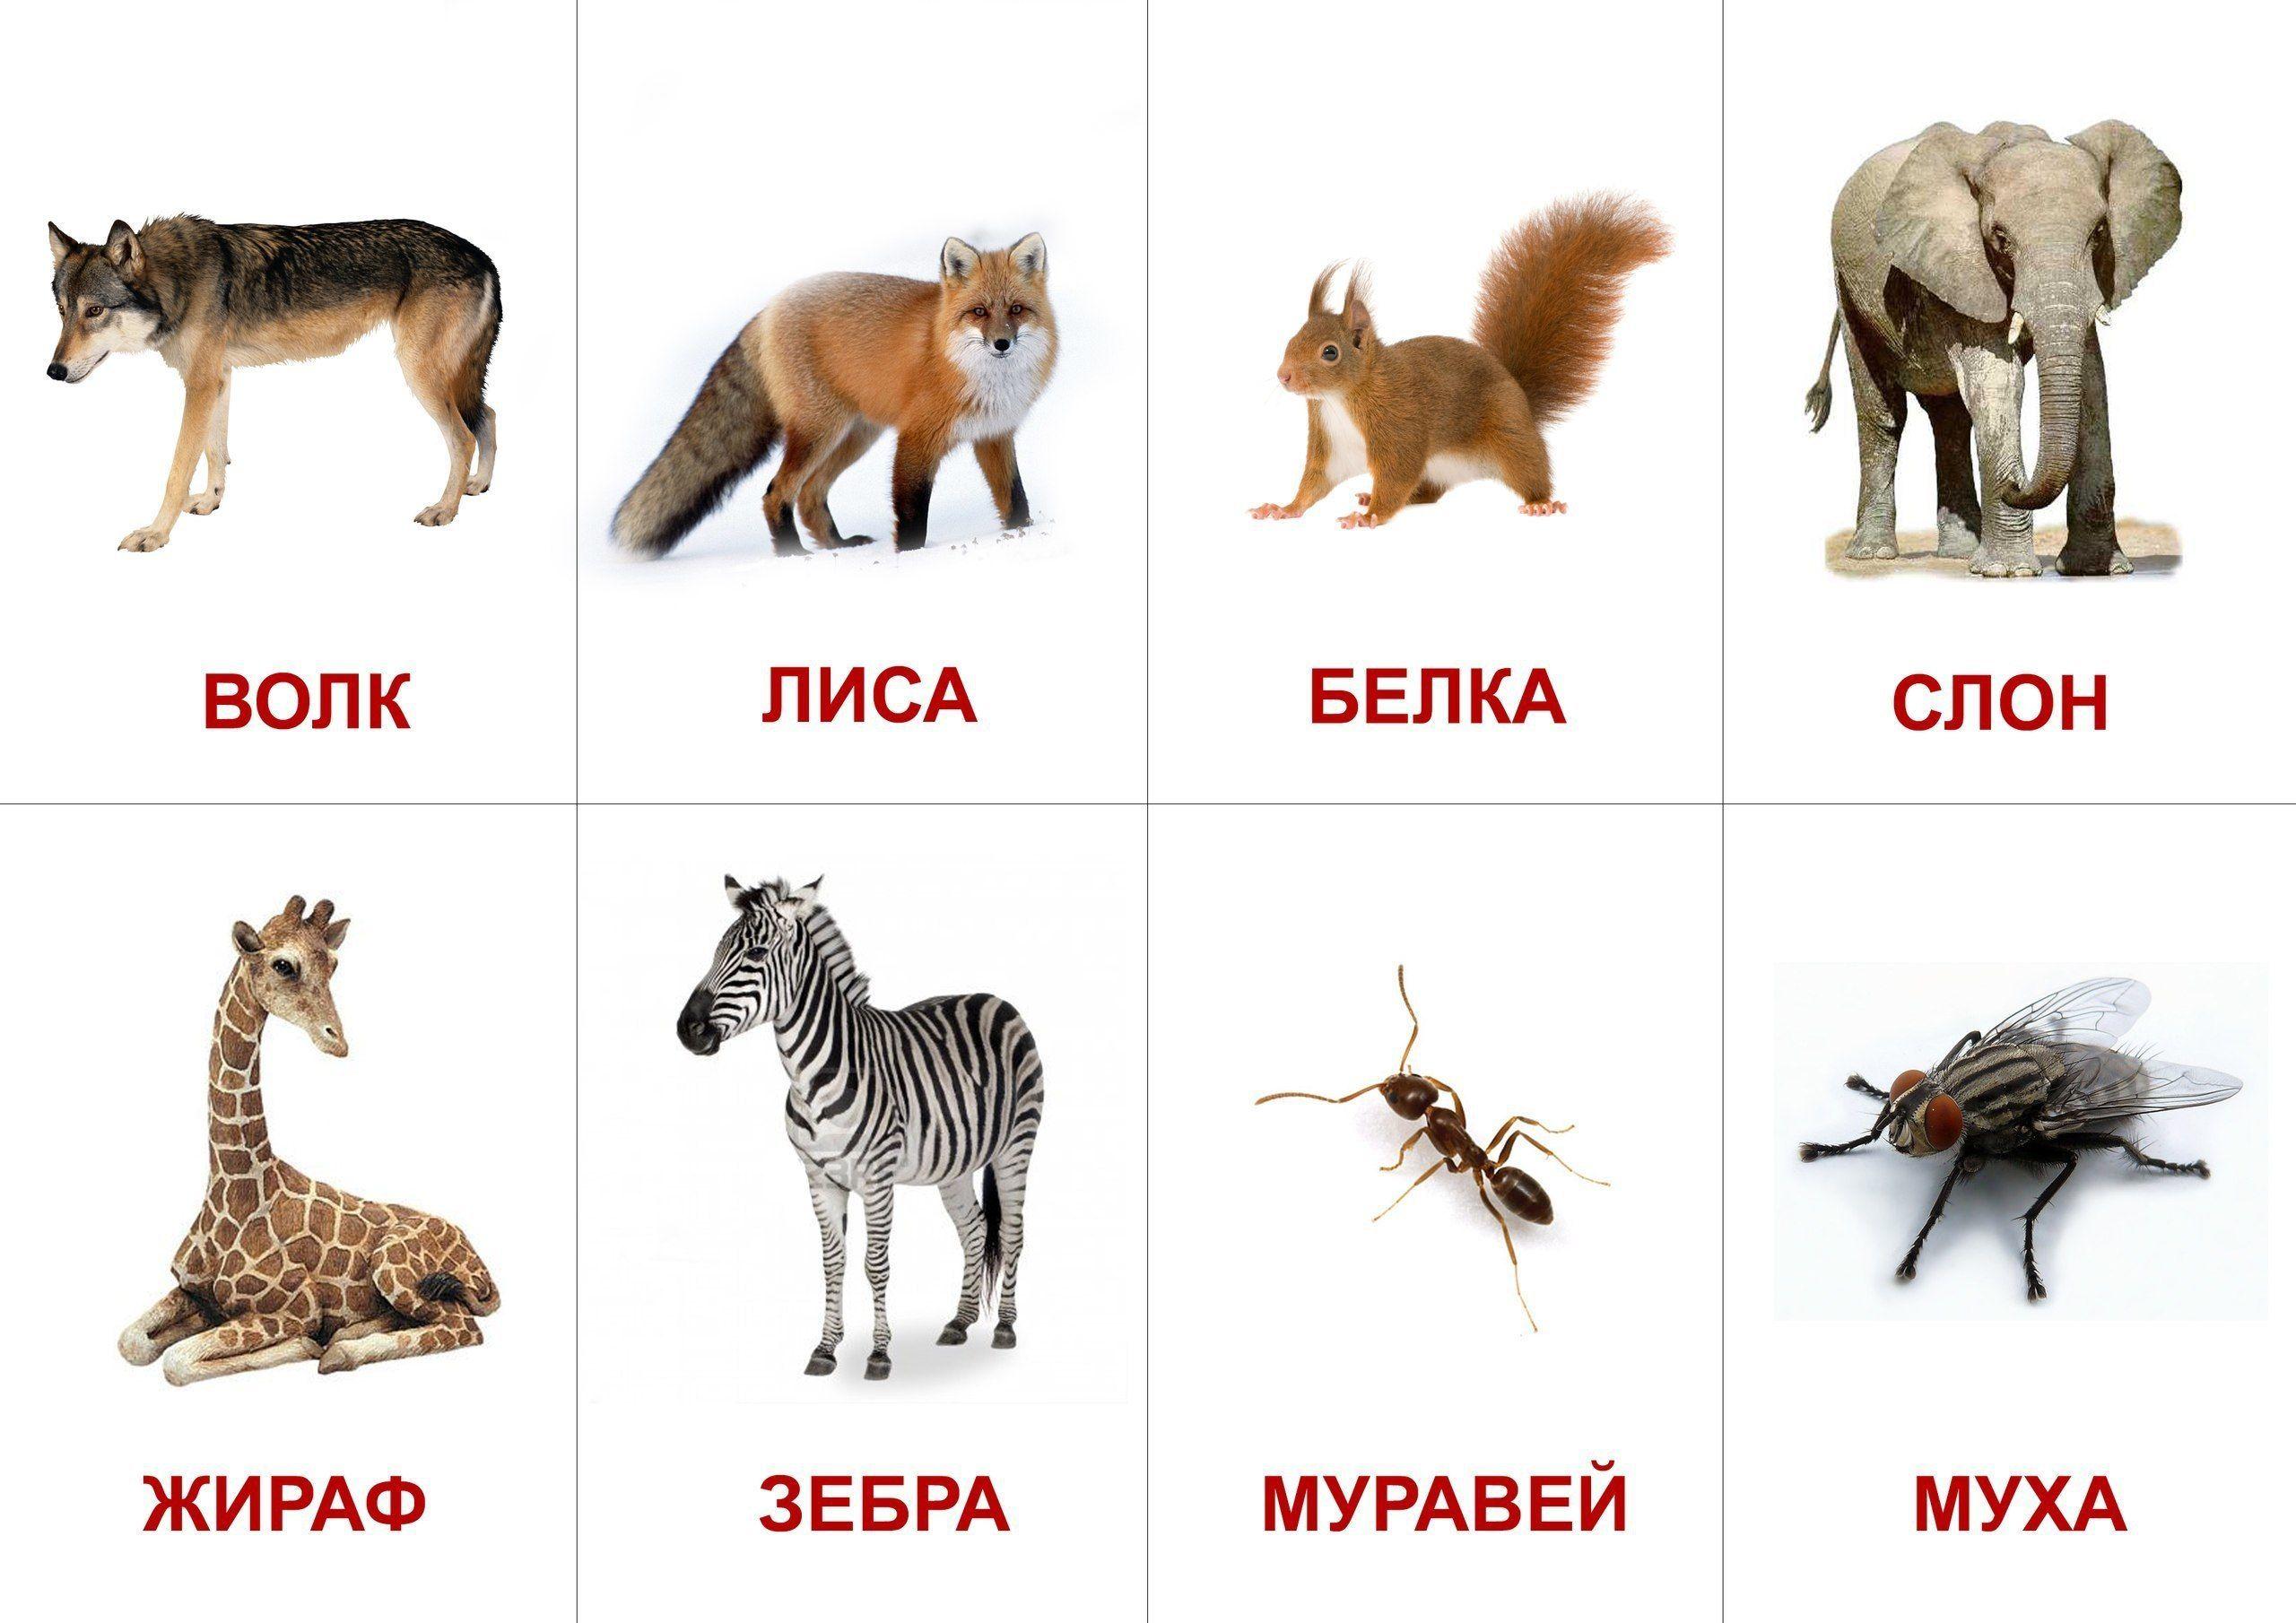 что это картинки животные для карточек компания